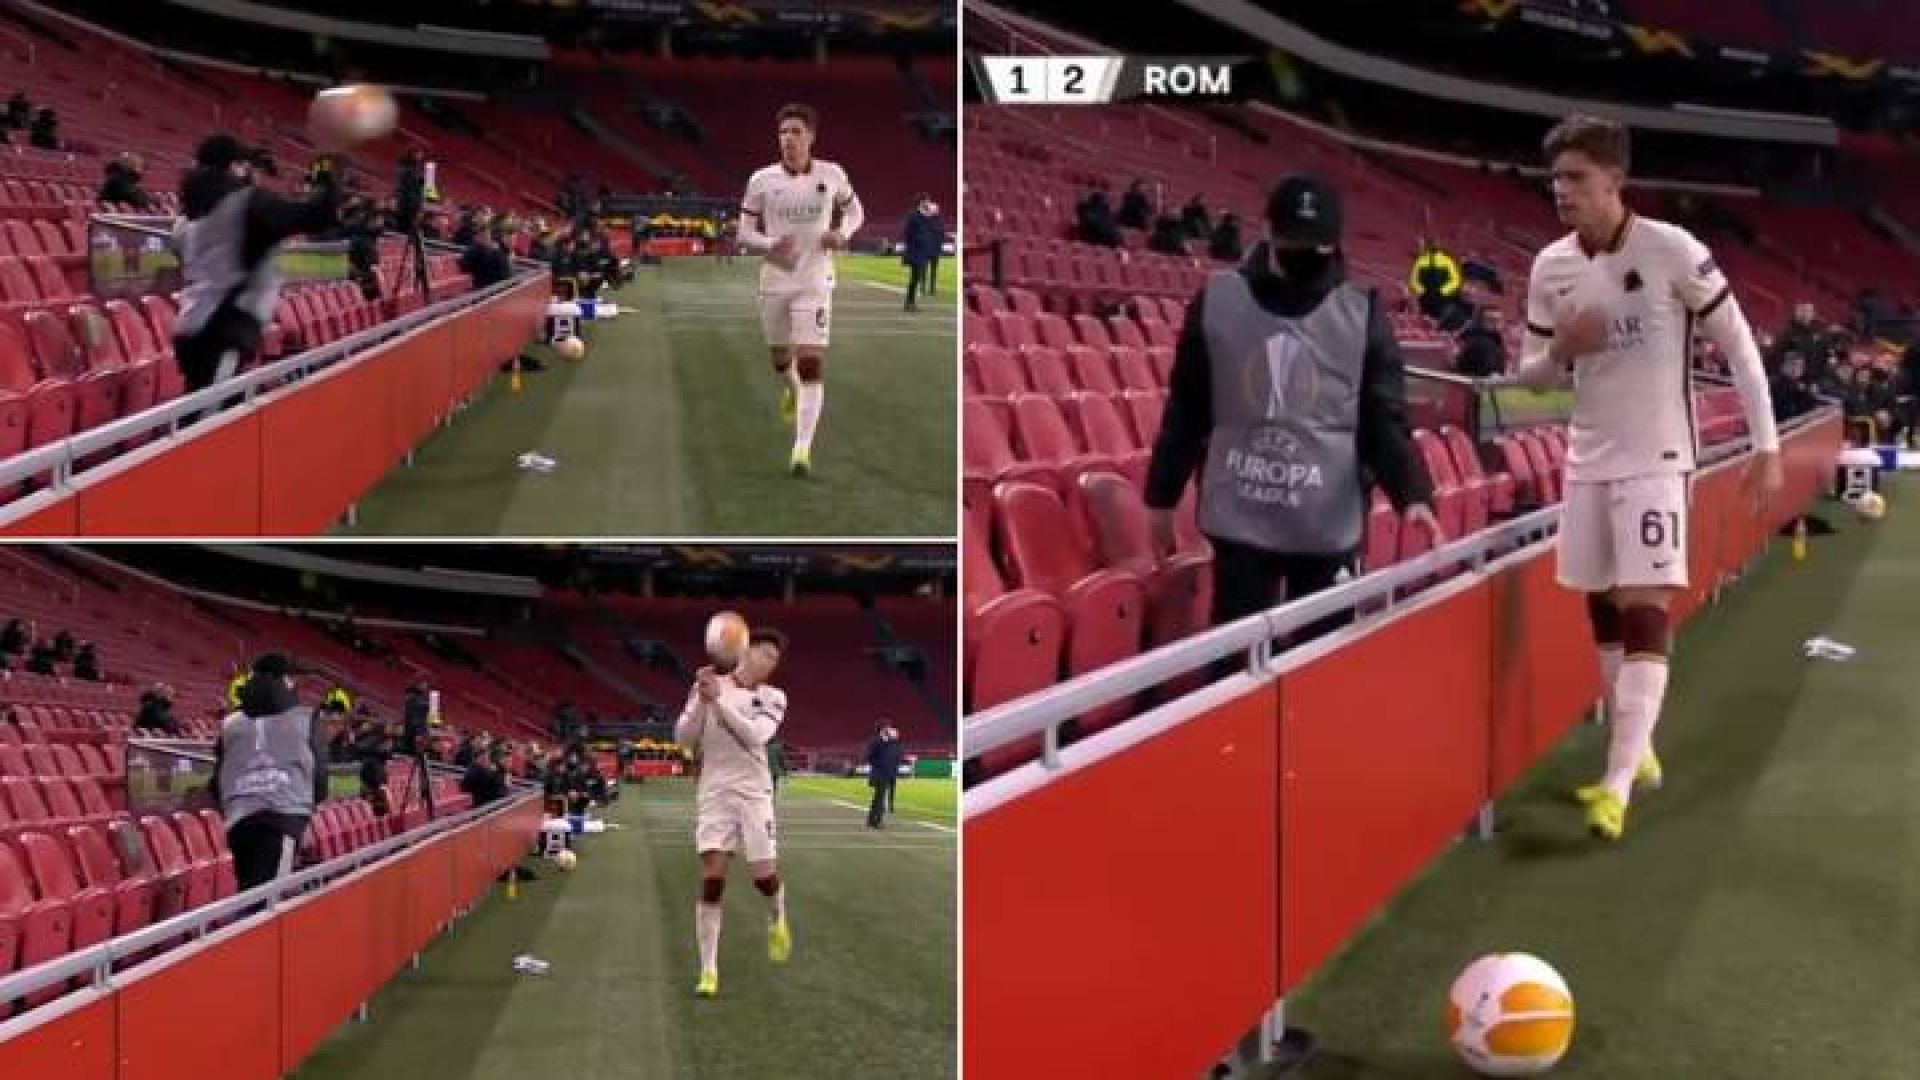 Куриозен момент в Амстердам показа колко са свикнали футболистите да симулират